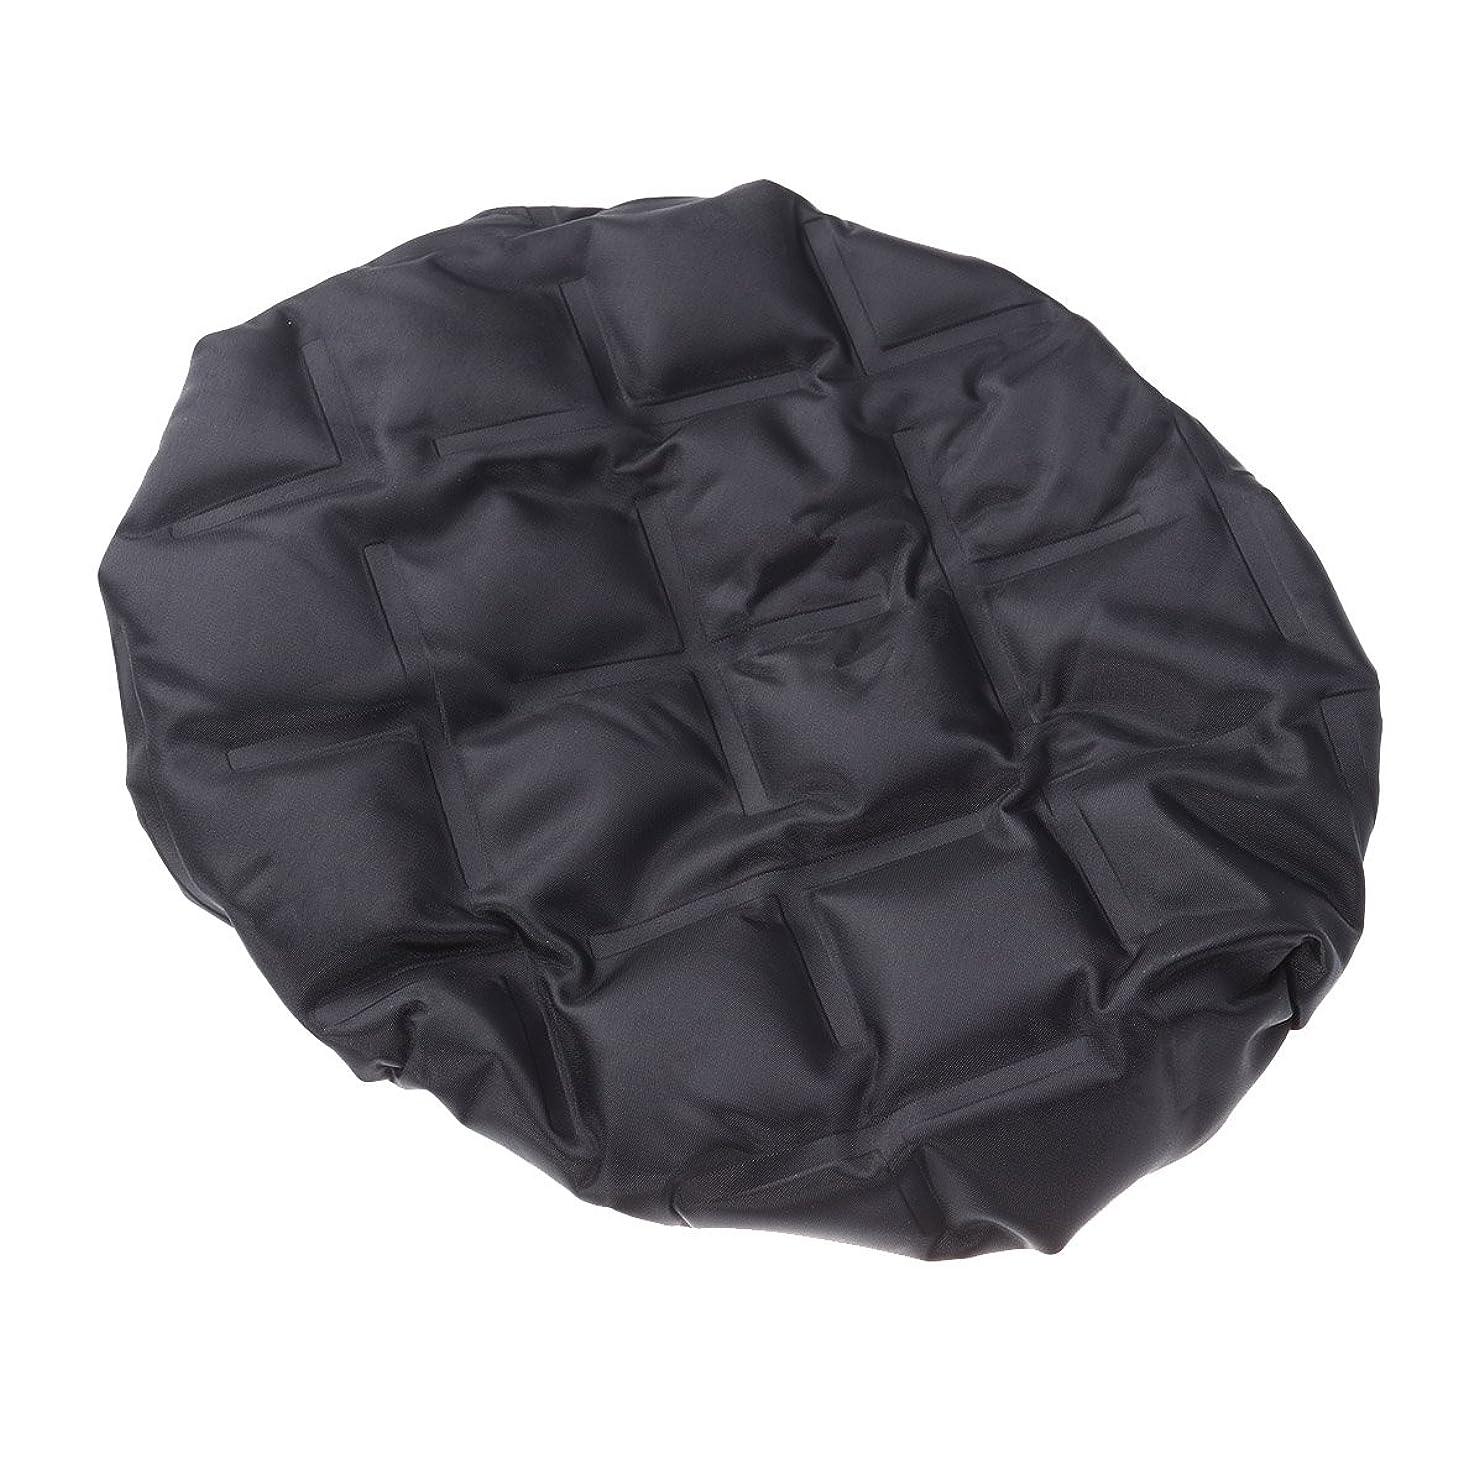 シーサイド結婚式縫うBeaupretty 熱いヘアスタイリングキャップ熱治療サーマルスパヘアスチーマージェルキャップのためのディープコンディショニングヘアサーマルヒートキャップ